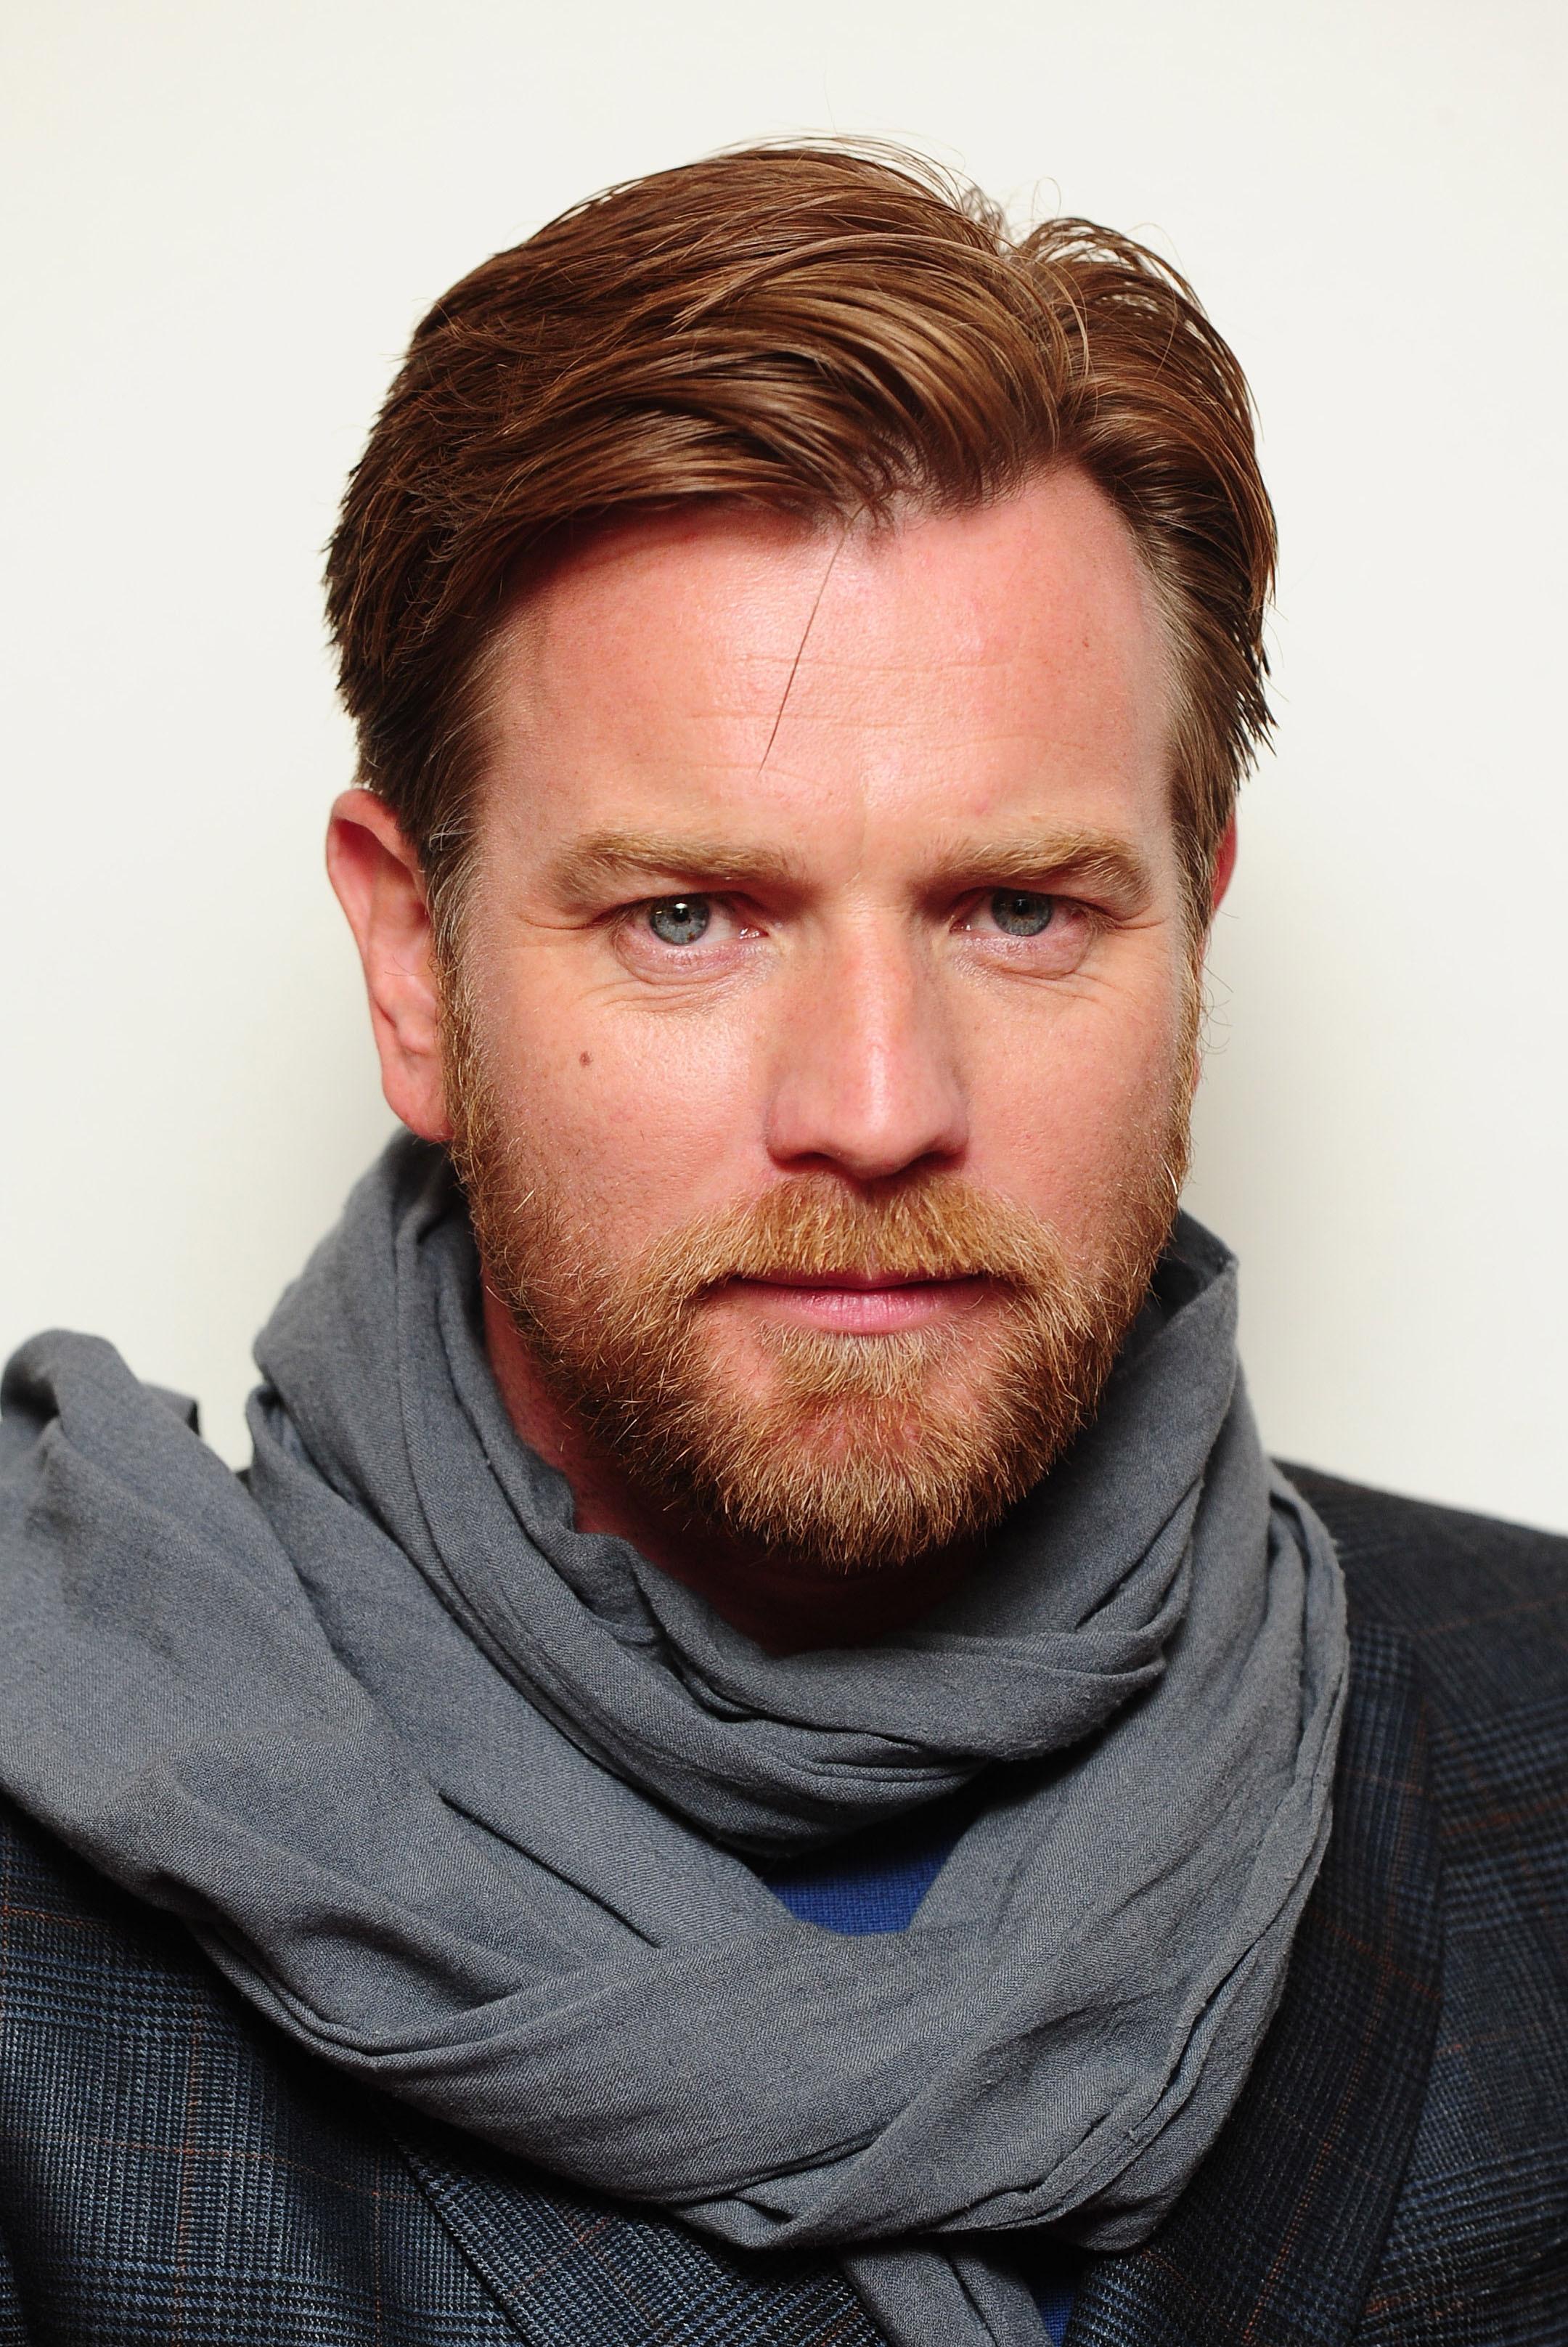 Ewan McGregor HD wallpapers, Desktop wallpaper - most viewed